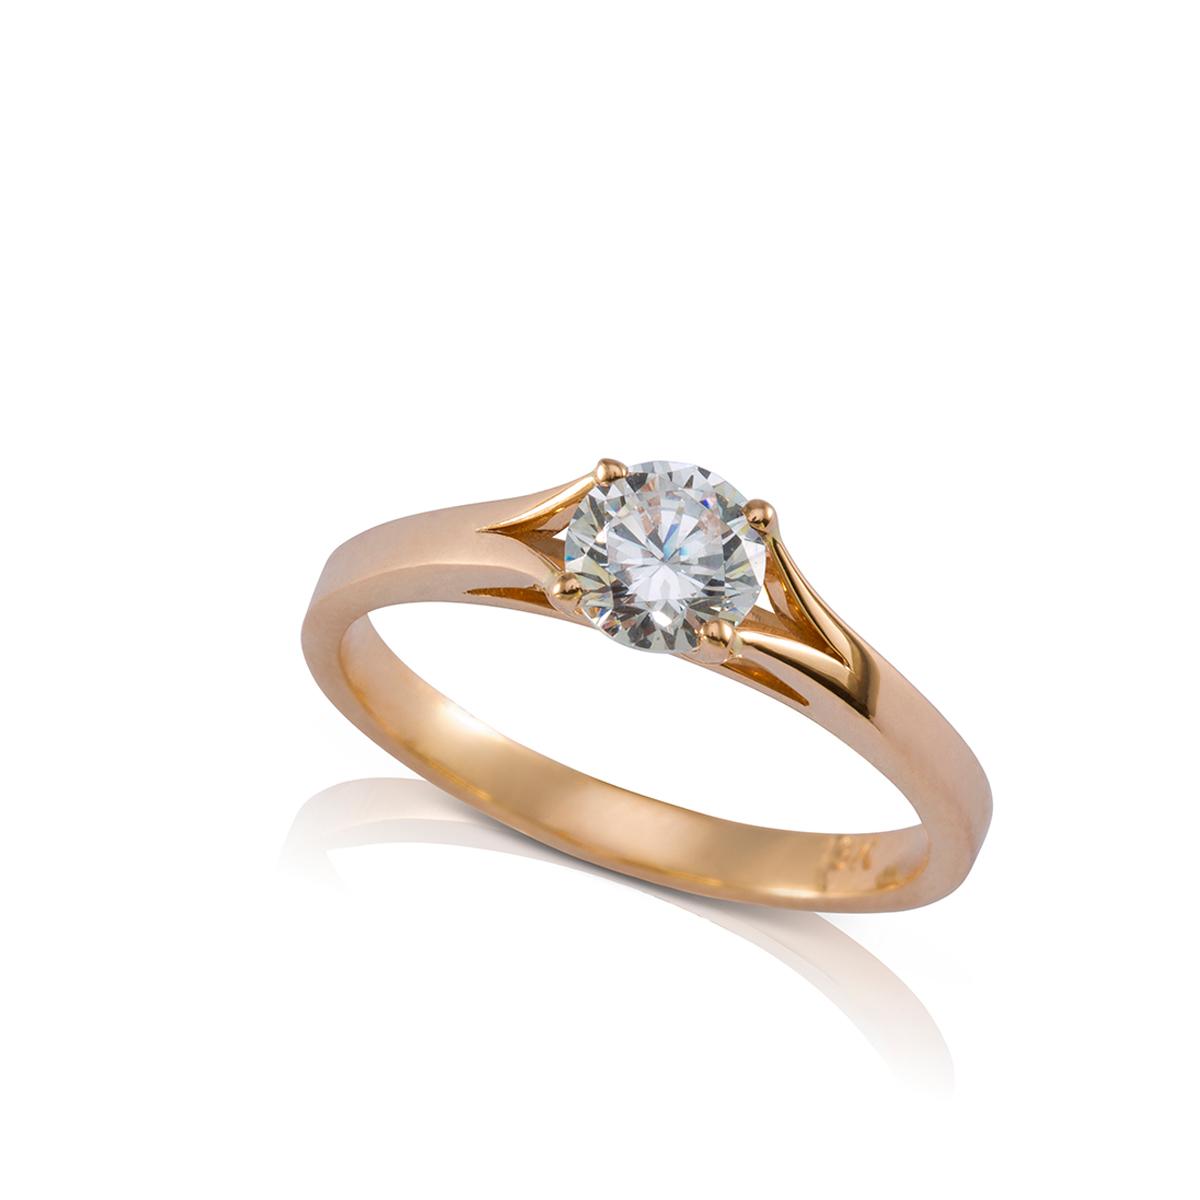 טבעת אירוסין, טבעת סוליטר משובצת יהלום מרכזי